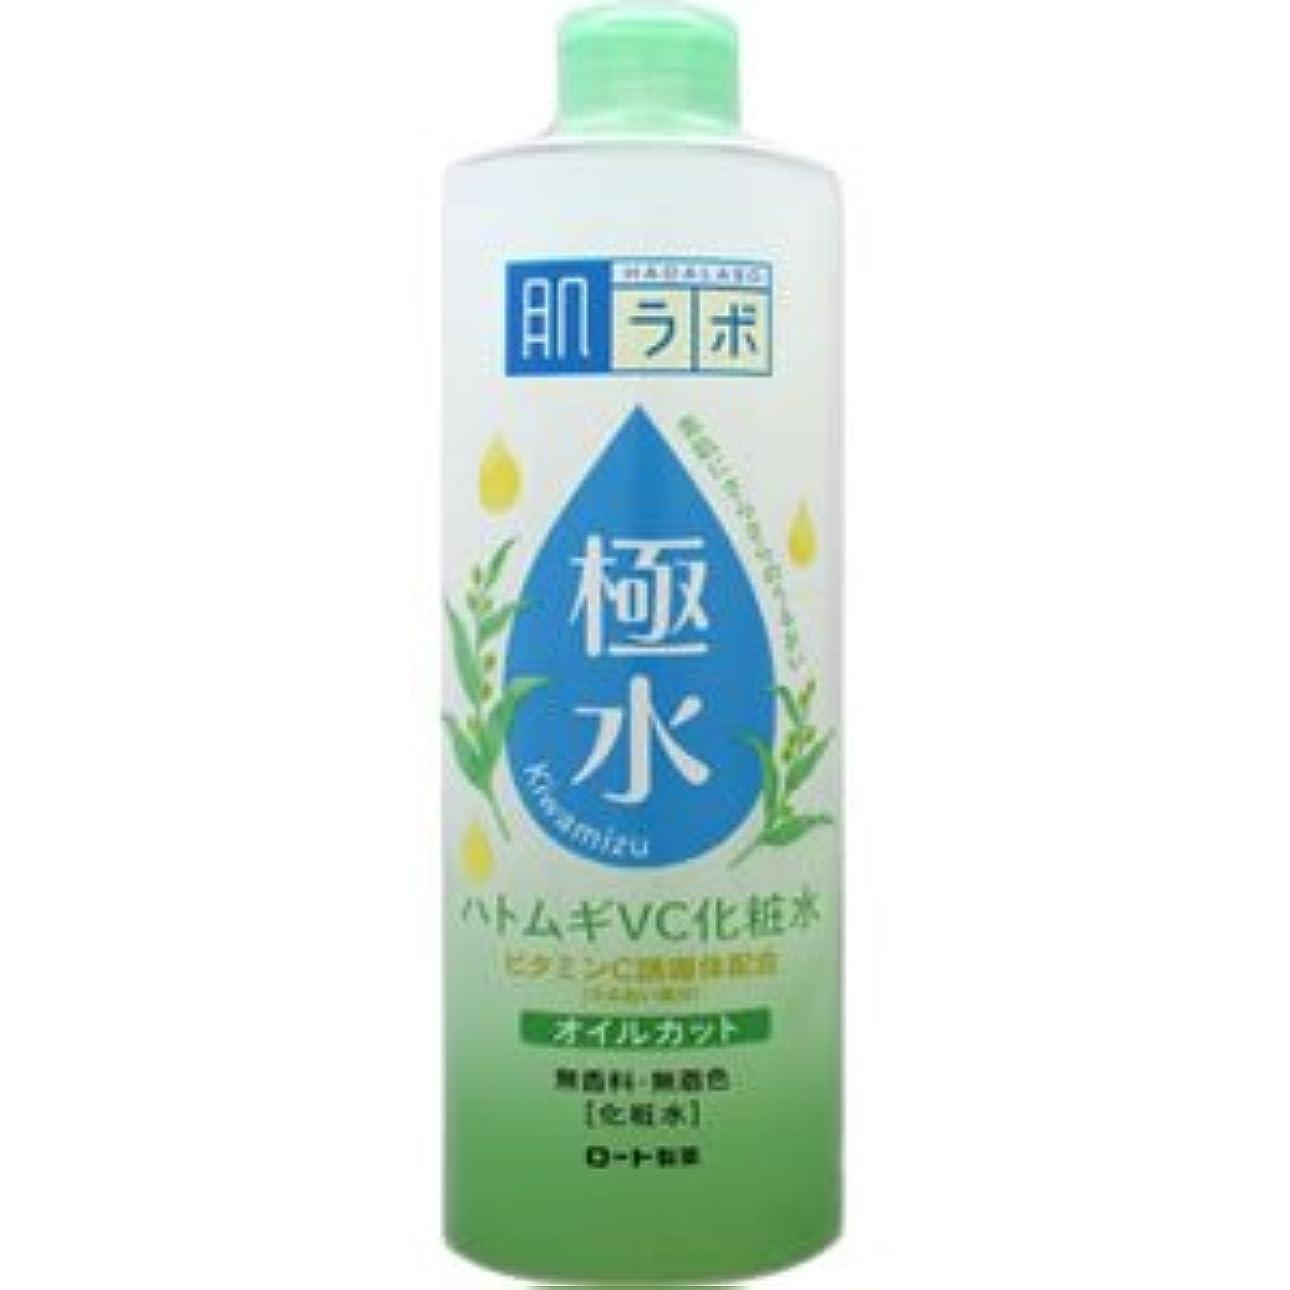 壊滅的なメダリスト空いている(ロート製薬)肌研 極水ハトムギVC化粧水 400ml